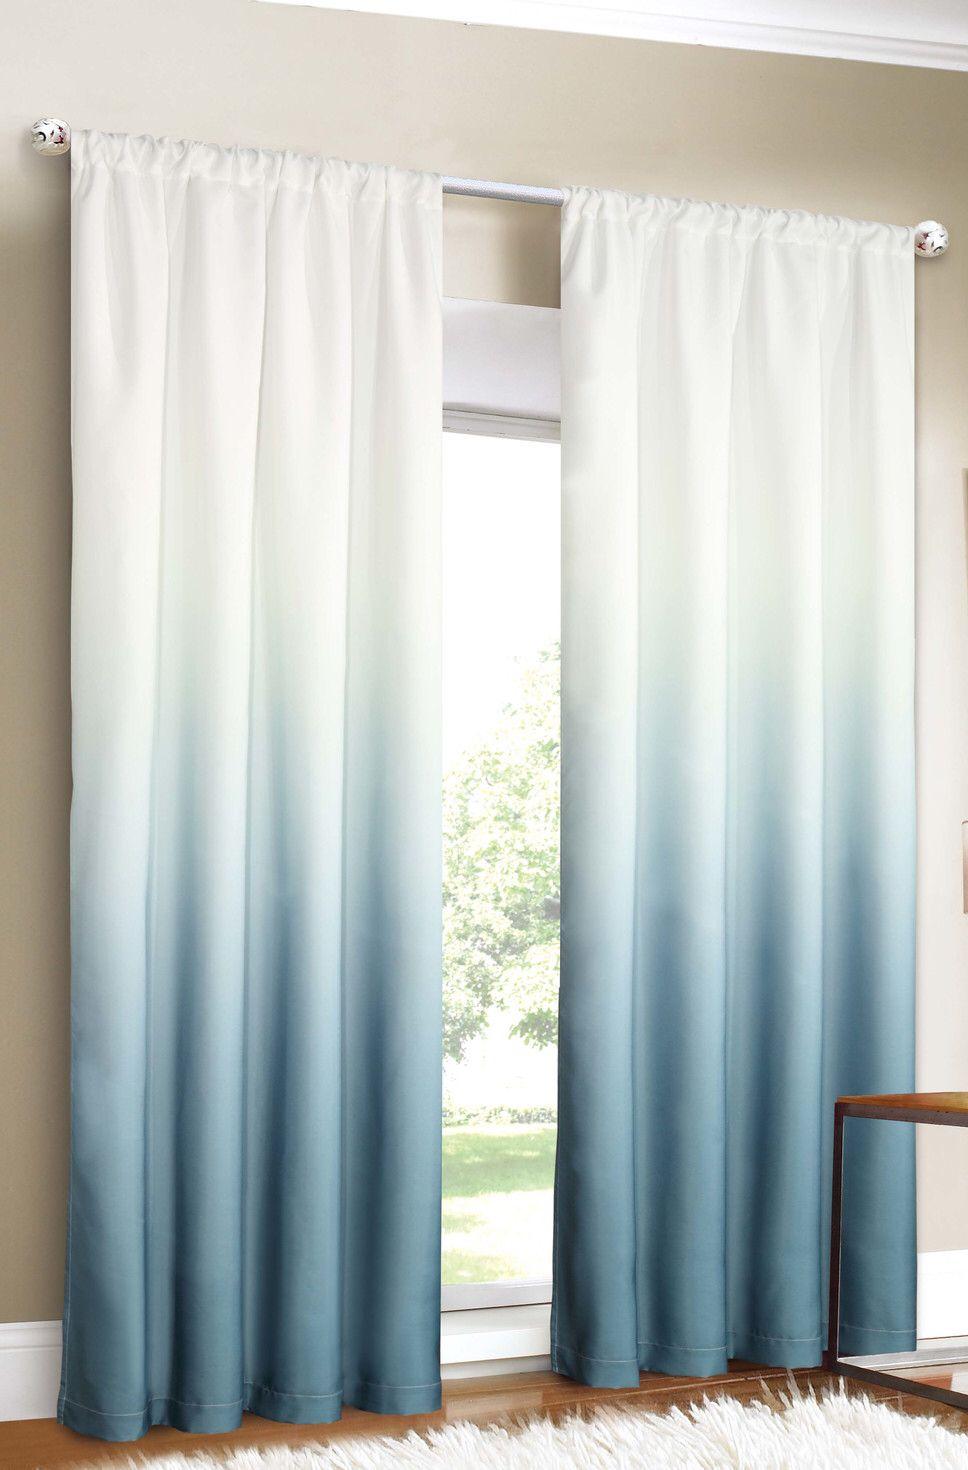 better blue ombré curtain. | home. | Pinterest | Window, Living ...